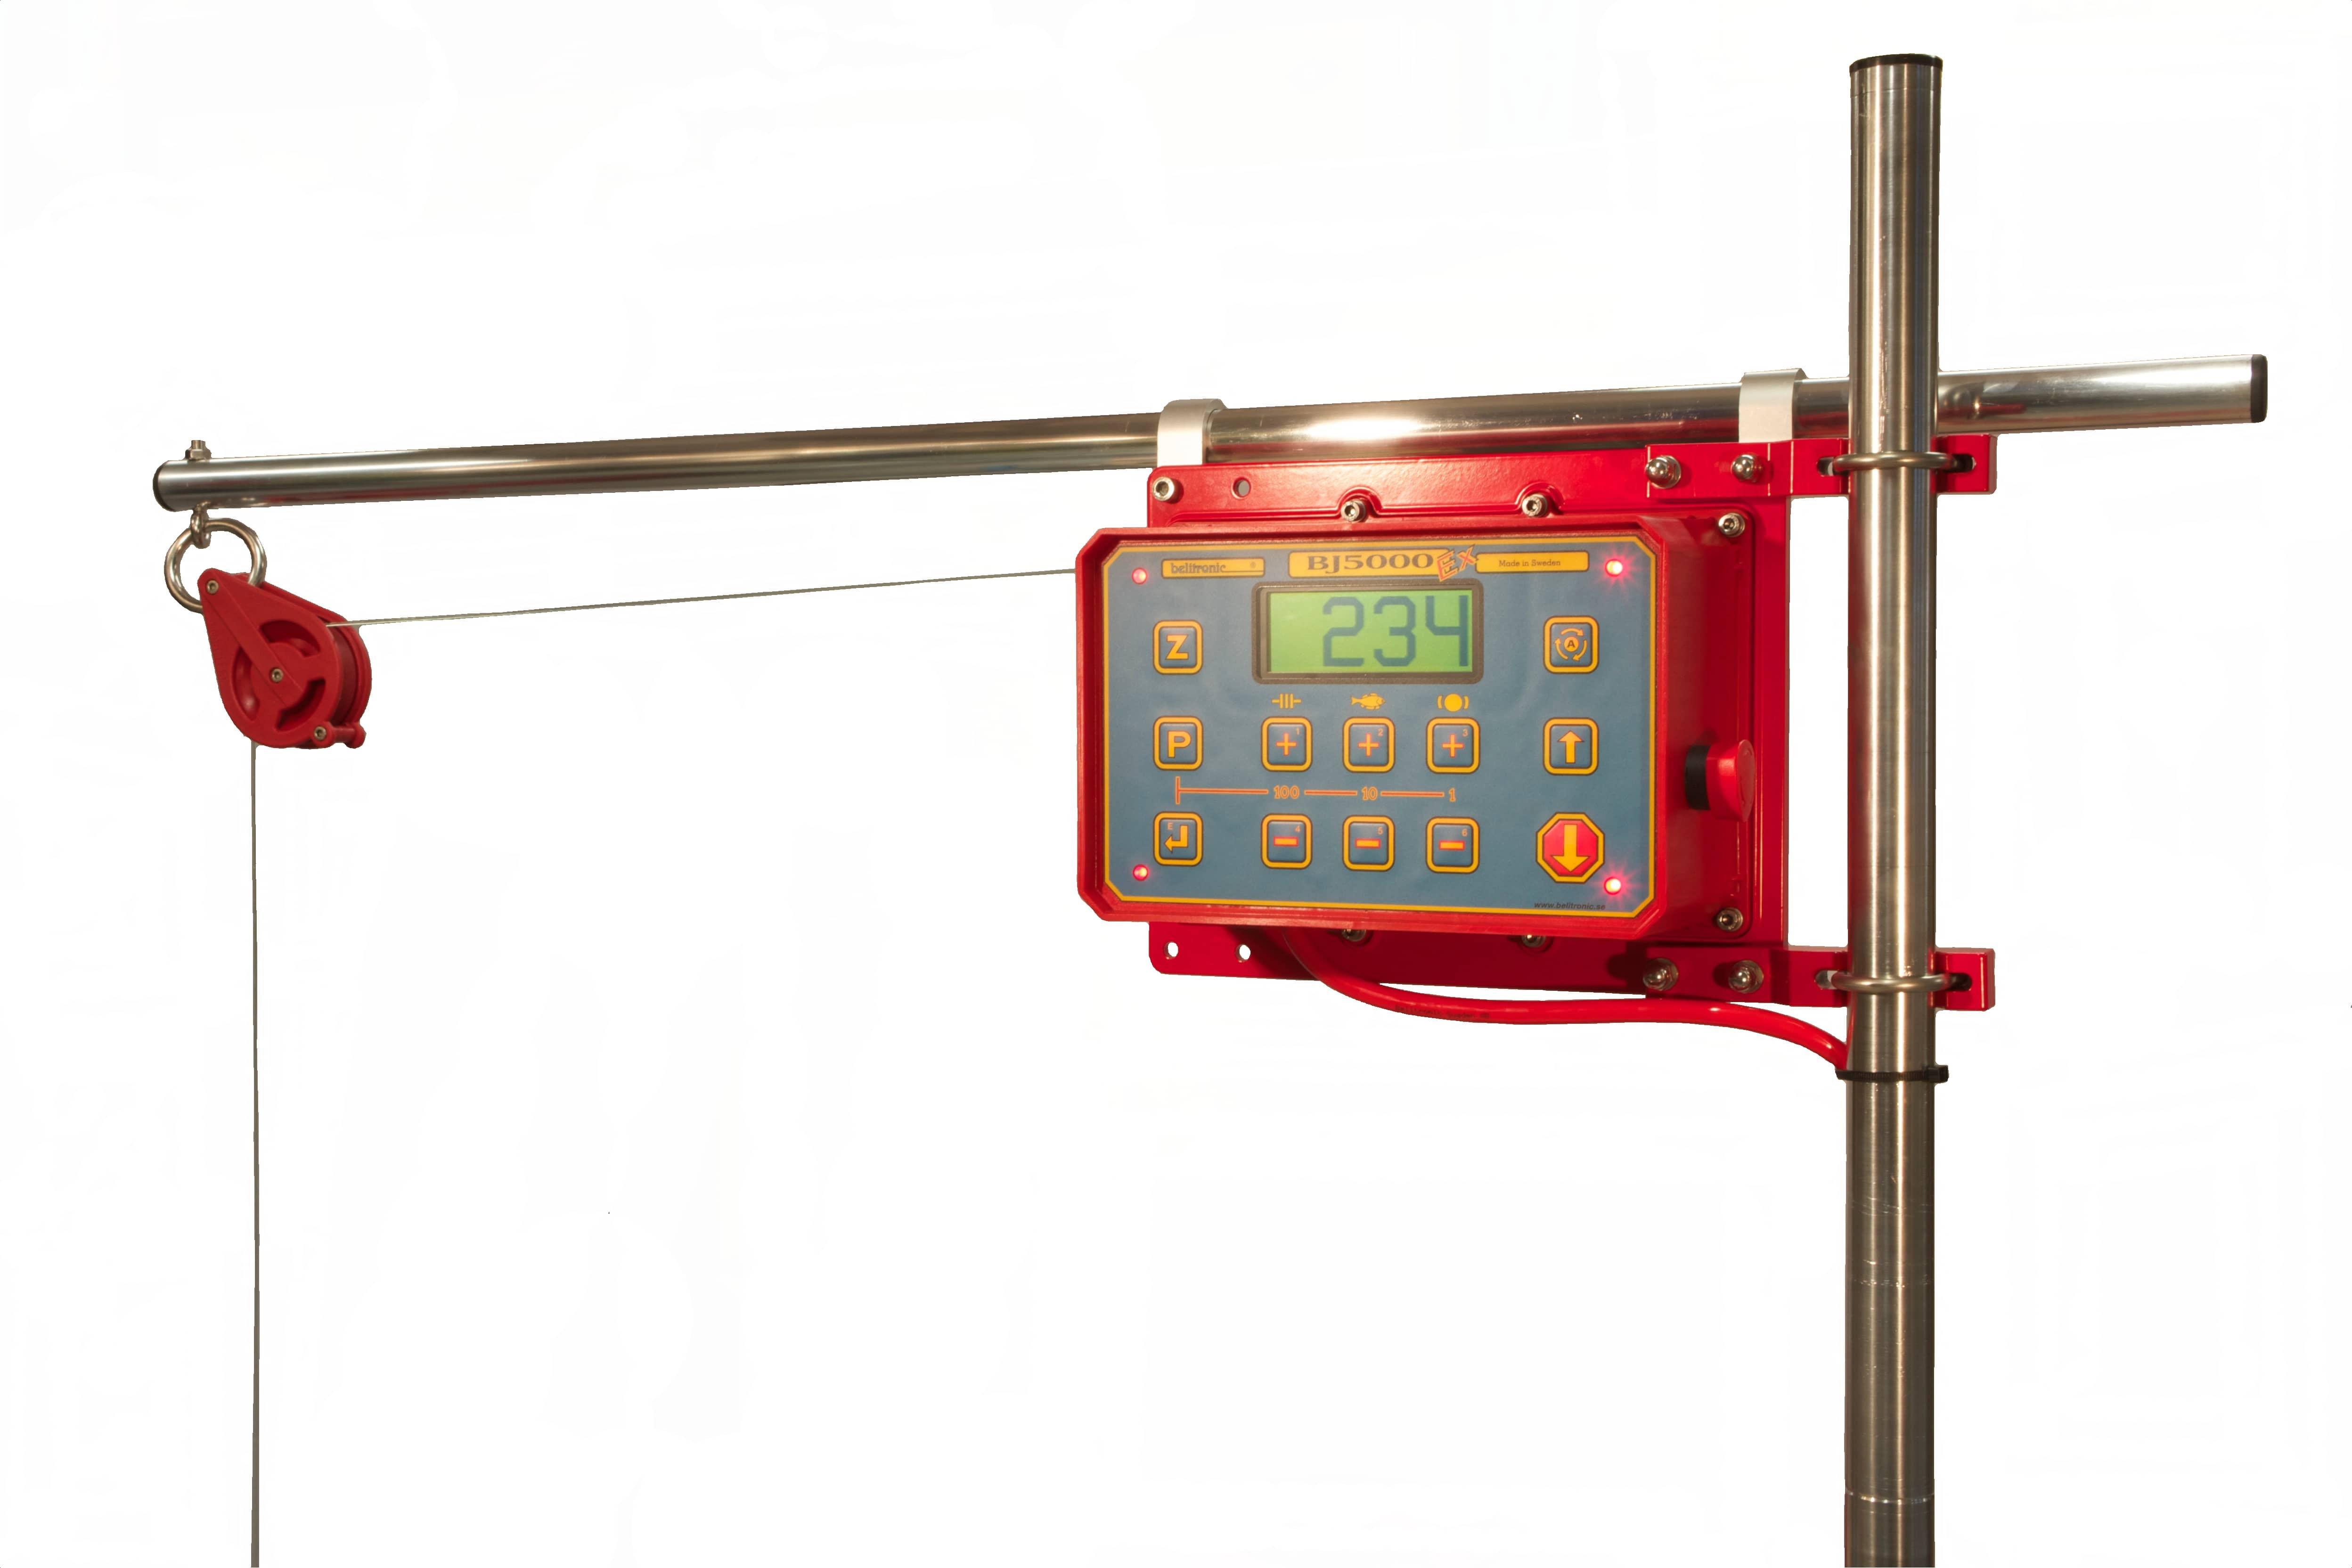 BJ-5000 EX